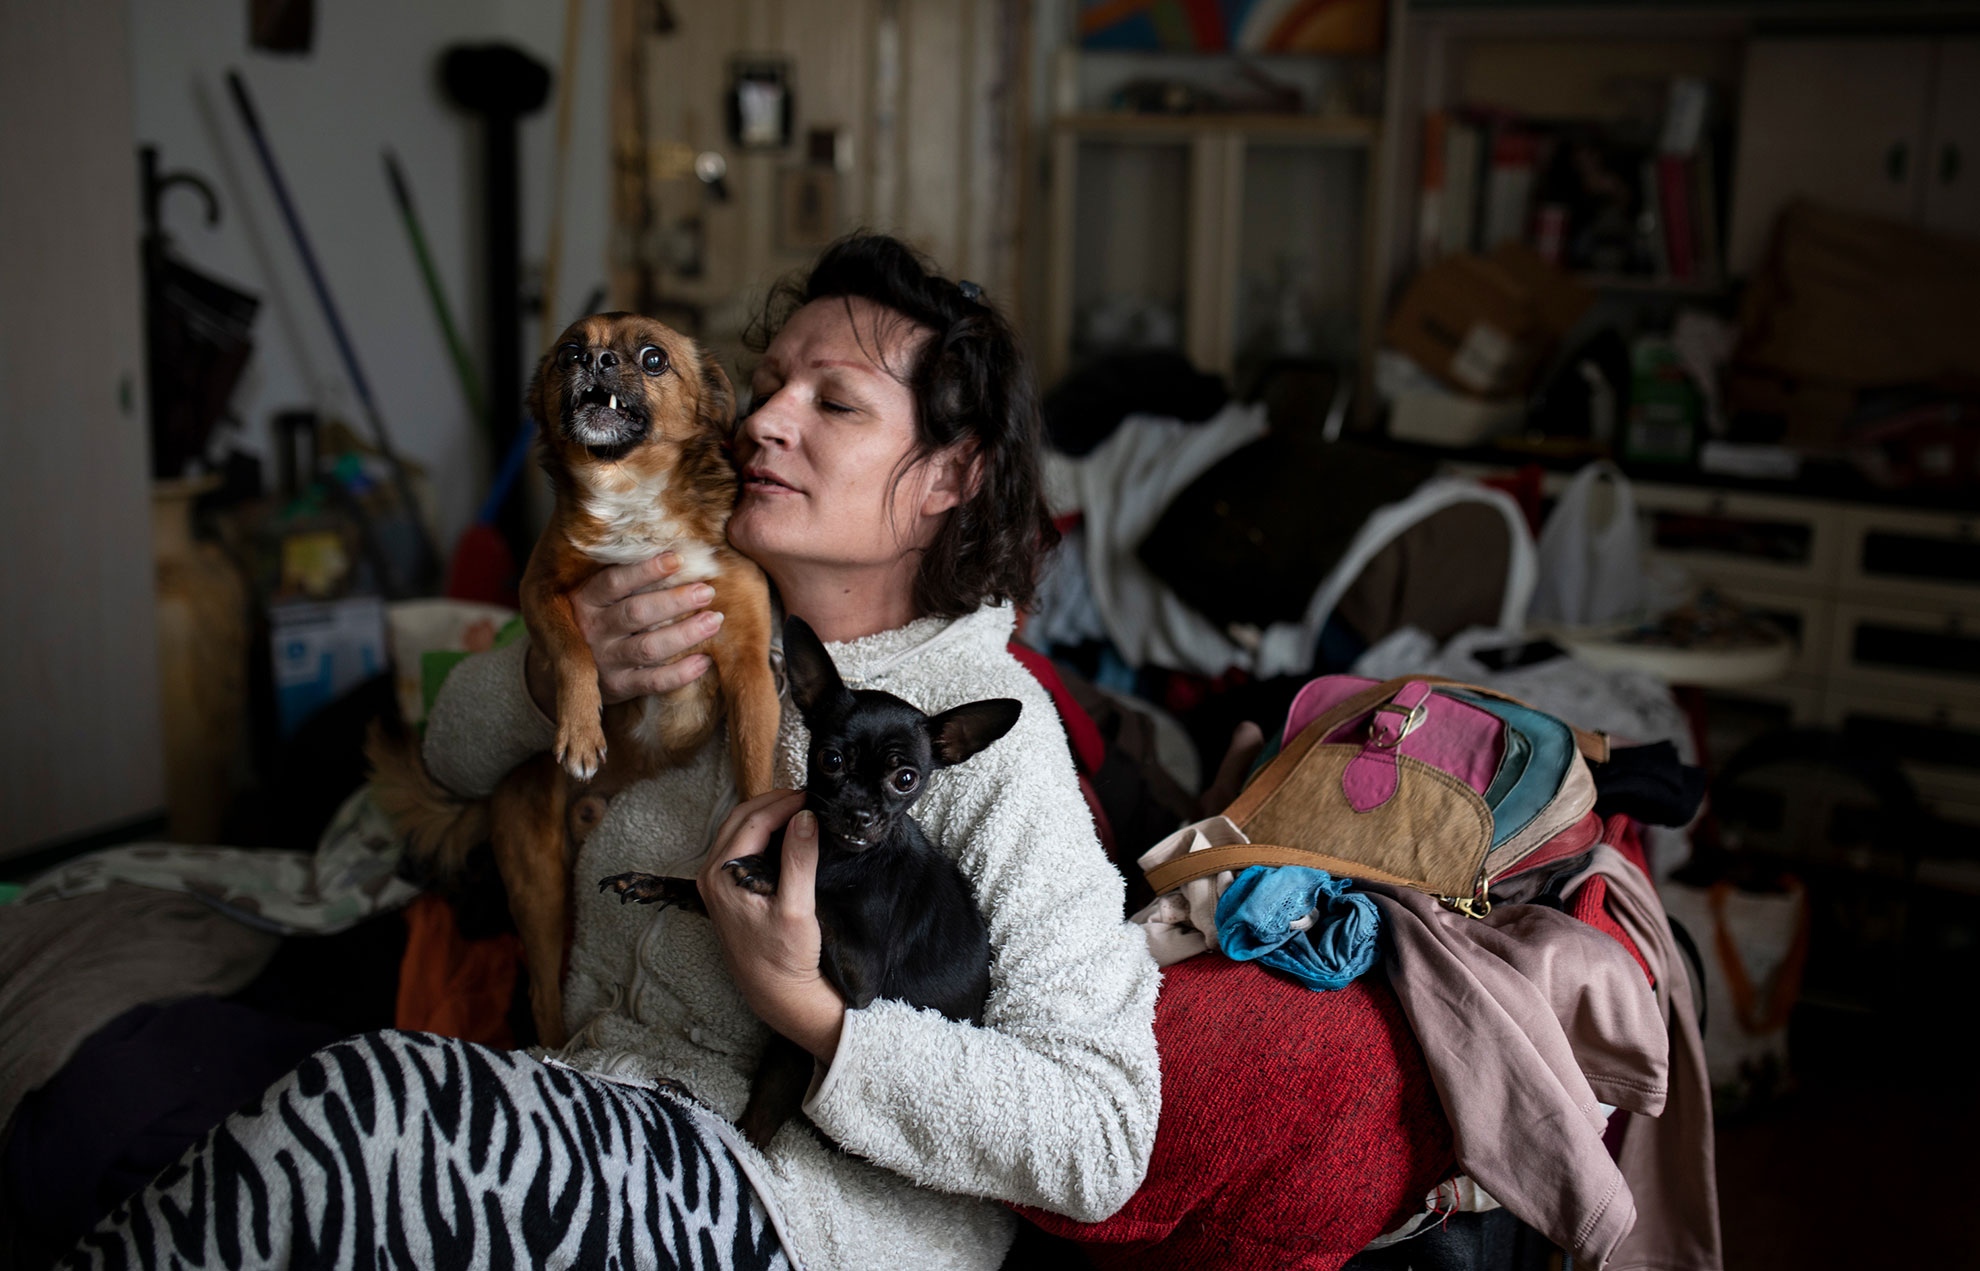 """Raquel (45) es madrileña. Cuando era hombre trabajaba en la construcción, operando grúas y máquinas excavadoras en la empresa de su padre. Pero tuvo que dejarlo. """"Cuando era gay él lo aceptaba sin problema, pero que me hiciera mujer no supo encajarlo"""". Cuando dejó la obra, se hizo tabernera. Durante el confinamiento, el Covid-19 se llevó a su mejor amiga, de 46 años, y ella se hundió en una profunda depresión. """"Cuando se me pasó la sensación de impotencia por no poder ir al funeral y no poder despedirme, me dio por limpiar todo. Y eso hago desde entonces"""". Vive en Lavapiés con sus perros Coqui y Chispita. Y echa mucho de menos a su madre, que está en el pueblo. También a su padre, que ya ha aceptado que Raquel es una mujer, a pesar de que él le eligió el nombre de Remo cuando nació."""